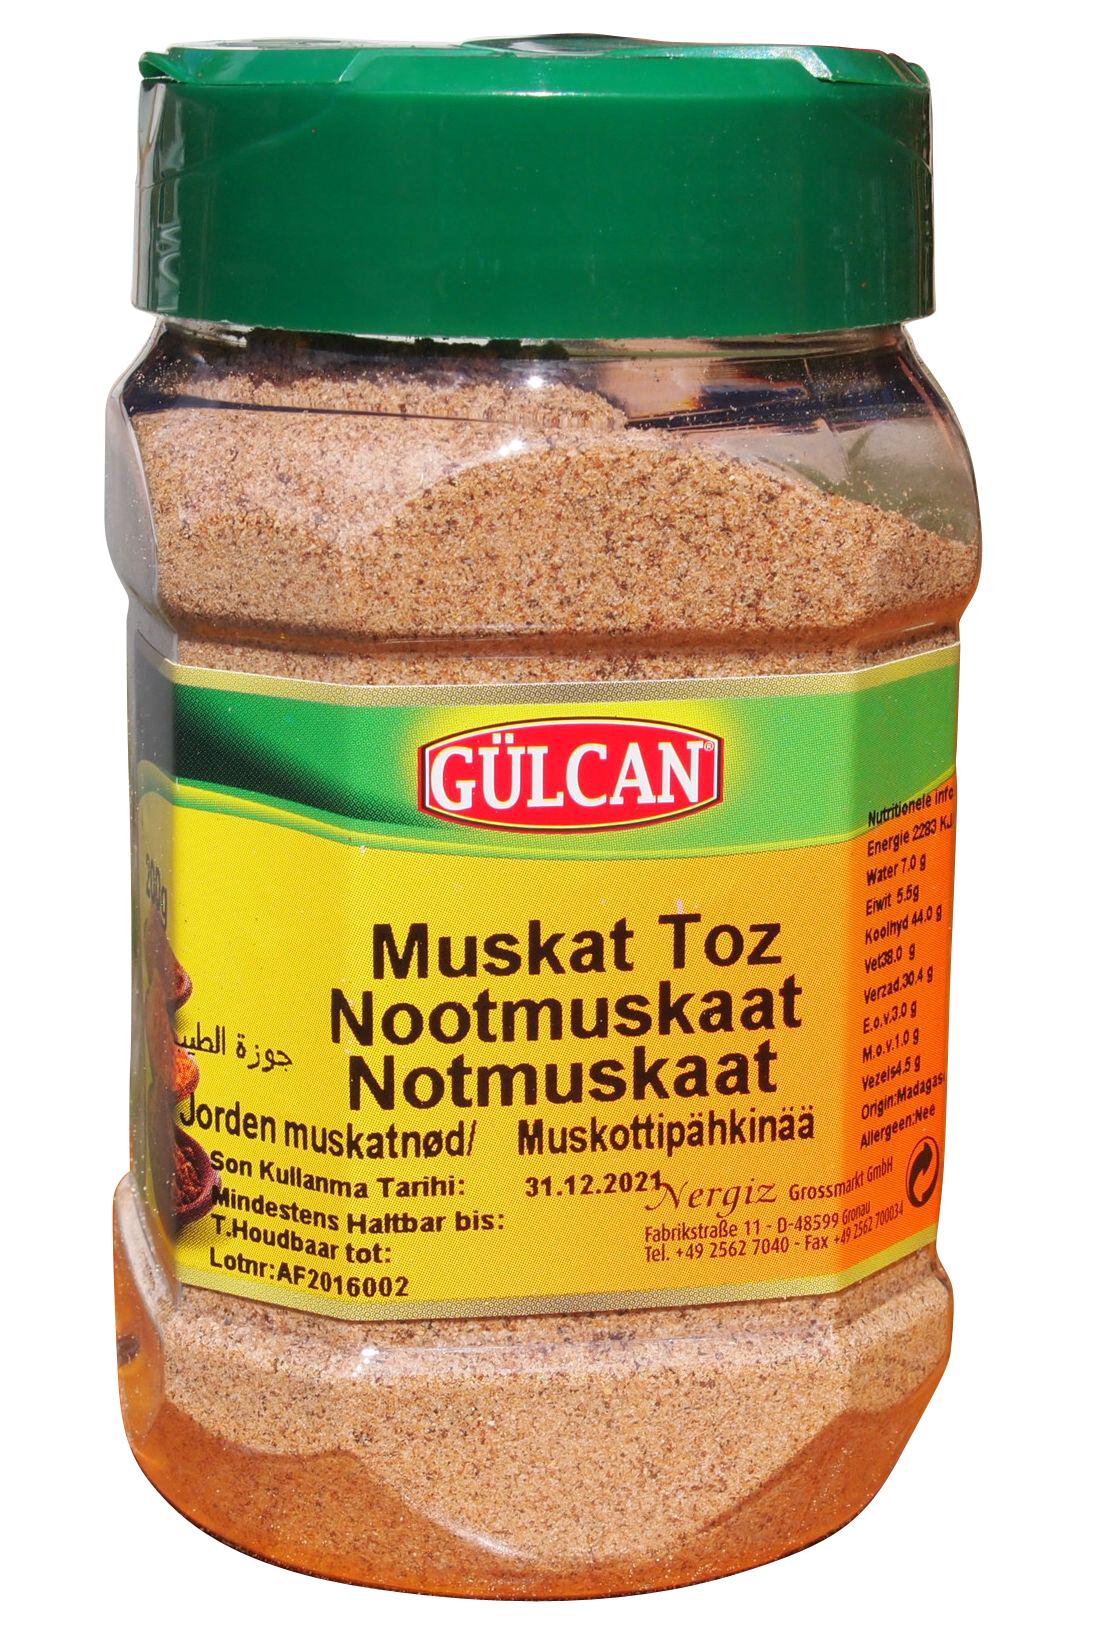 Gulcan Muskat Gemahlen Muskat Toz 200g Onlineshop Fur Turkische Und Orientalische Lebensmittel